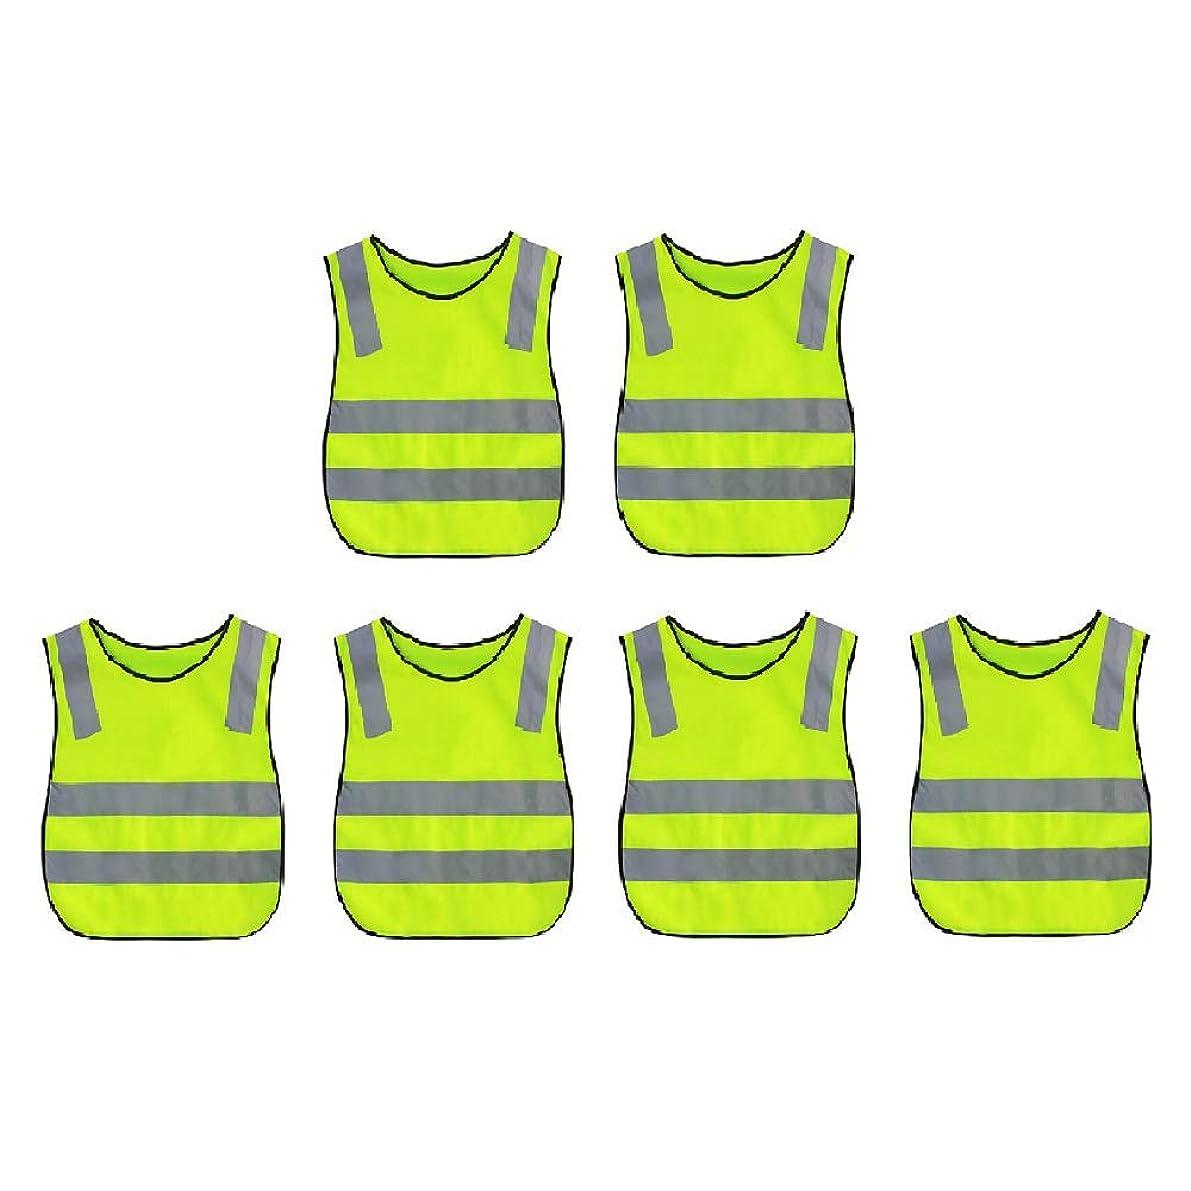 船乗り公爵夫人食物TOPTIEキッズ安全ベスト 衣装や屋外の夜の活動のための高視認性反射ビブ - ネオングリーン - 6 pack